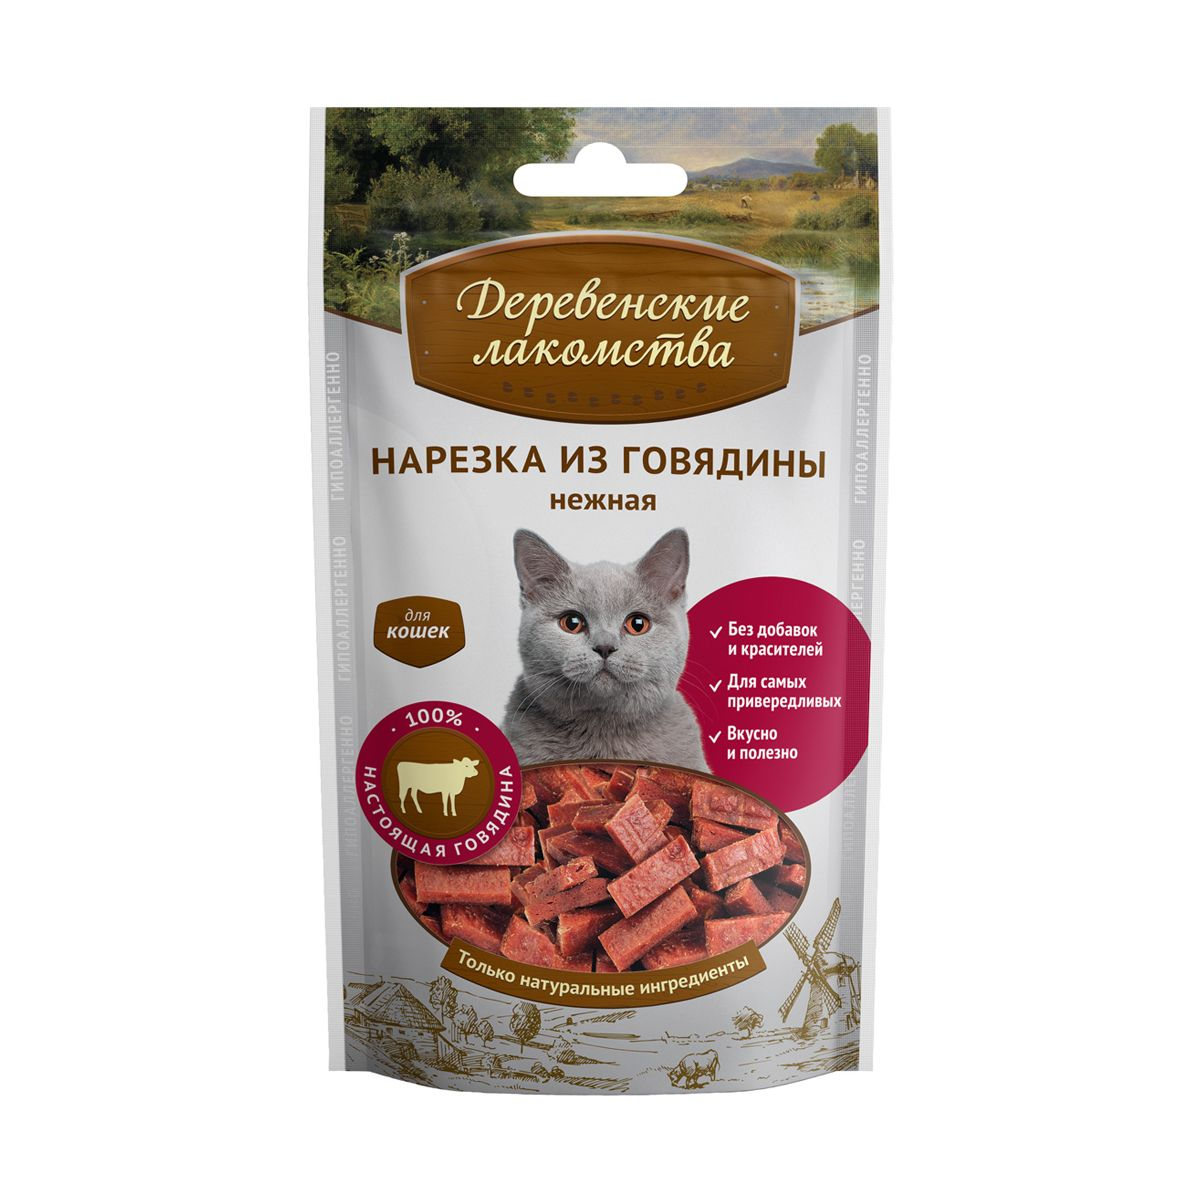 Лакомство для кошек Деревенские лакомства, нарезка из говядины нежная, 45 г лакомство для кошек деревенские лакомства дольки из крольчатины 45 г